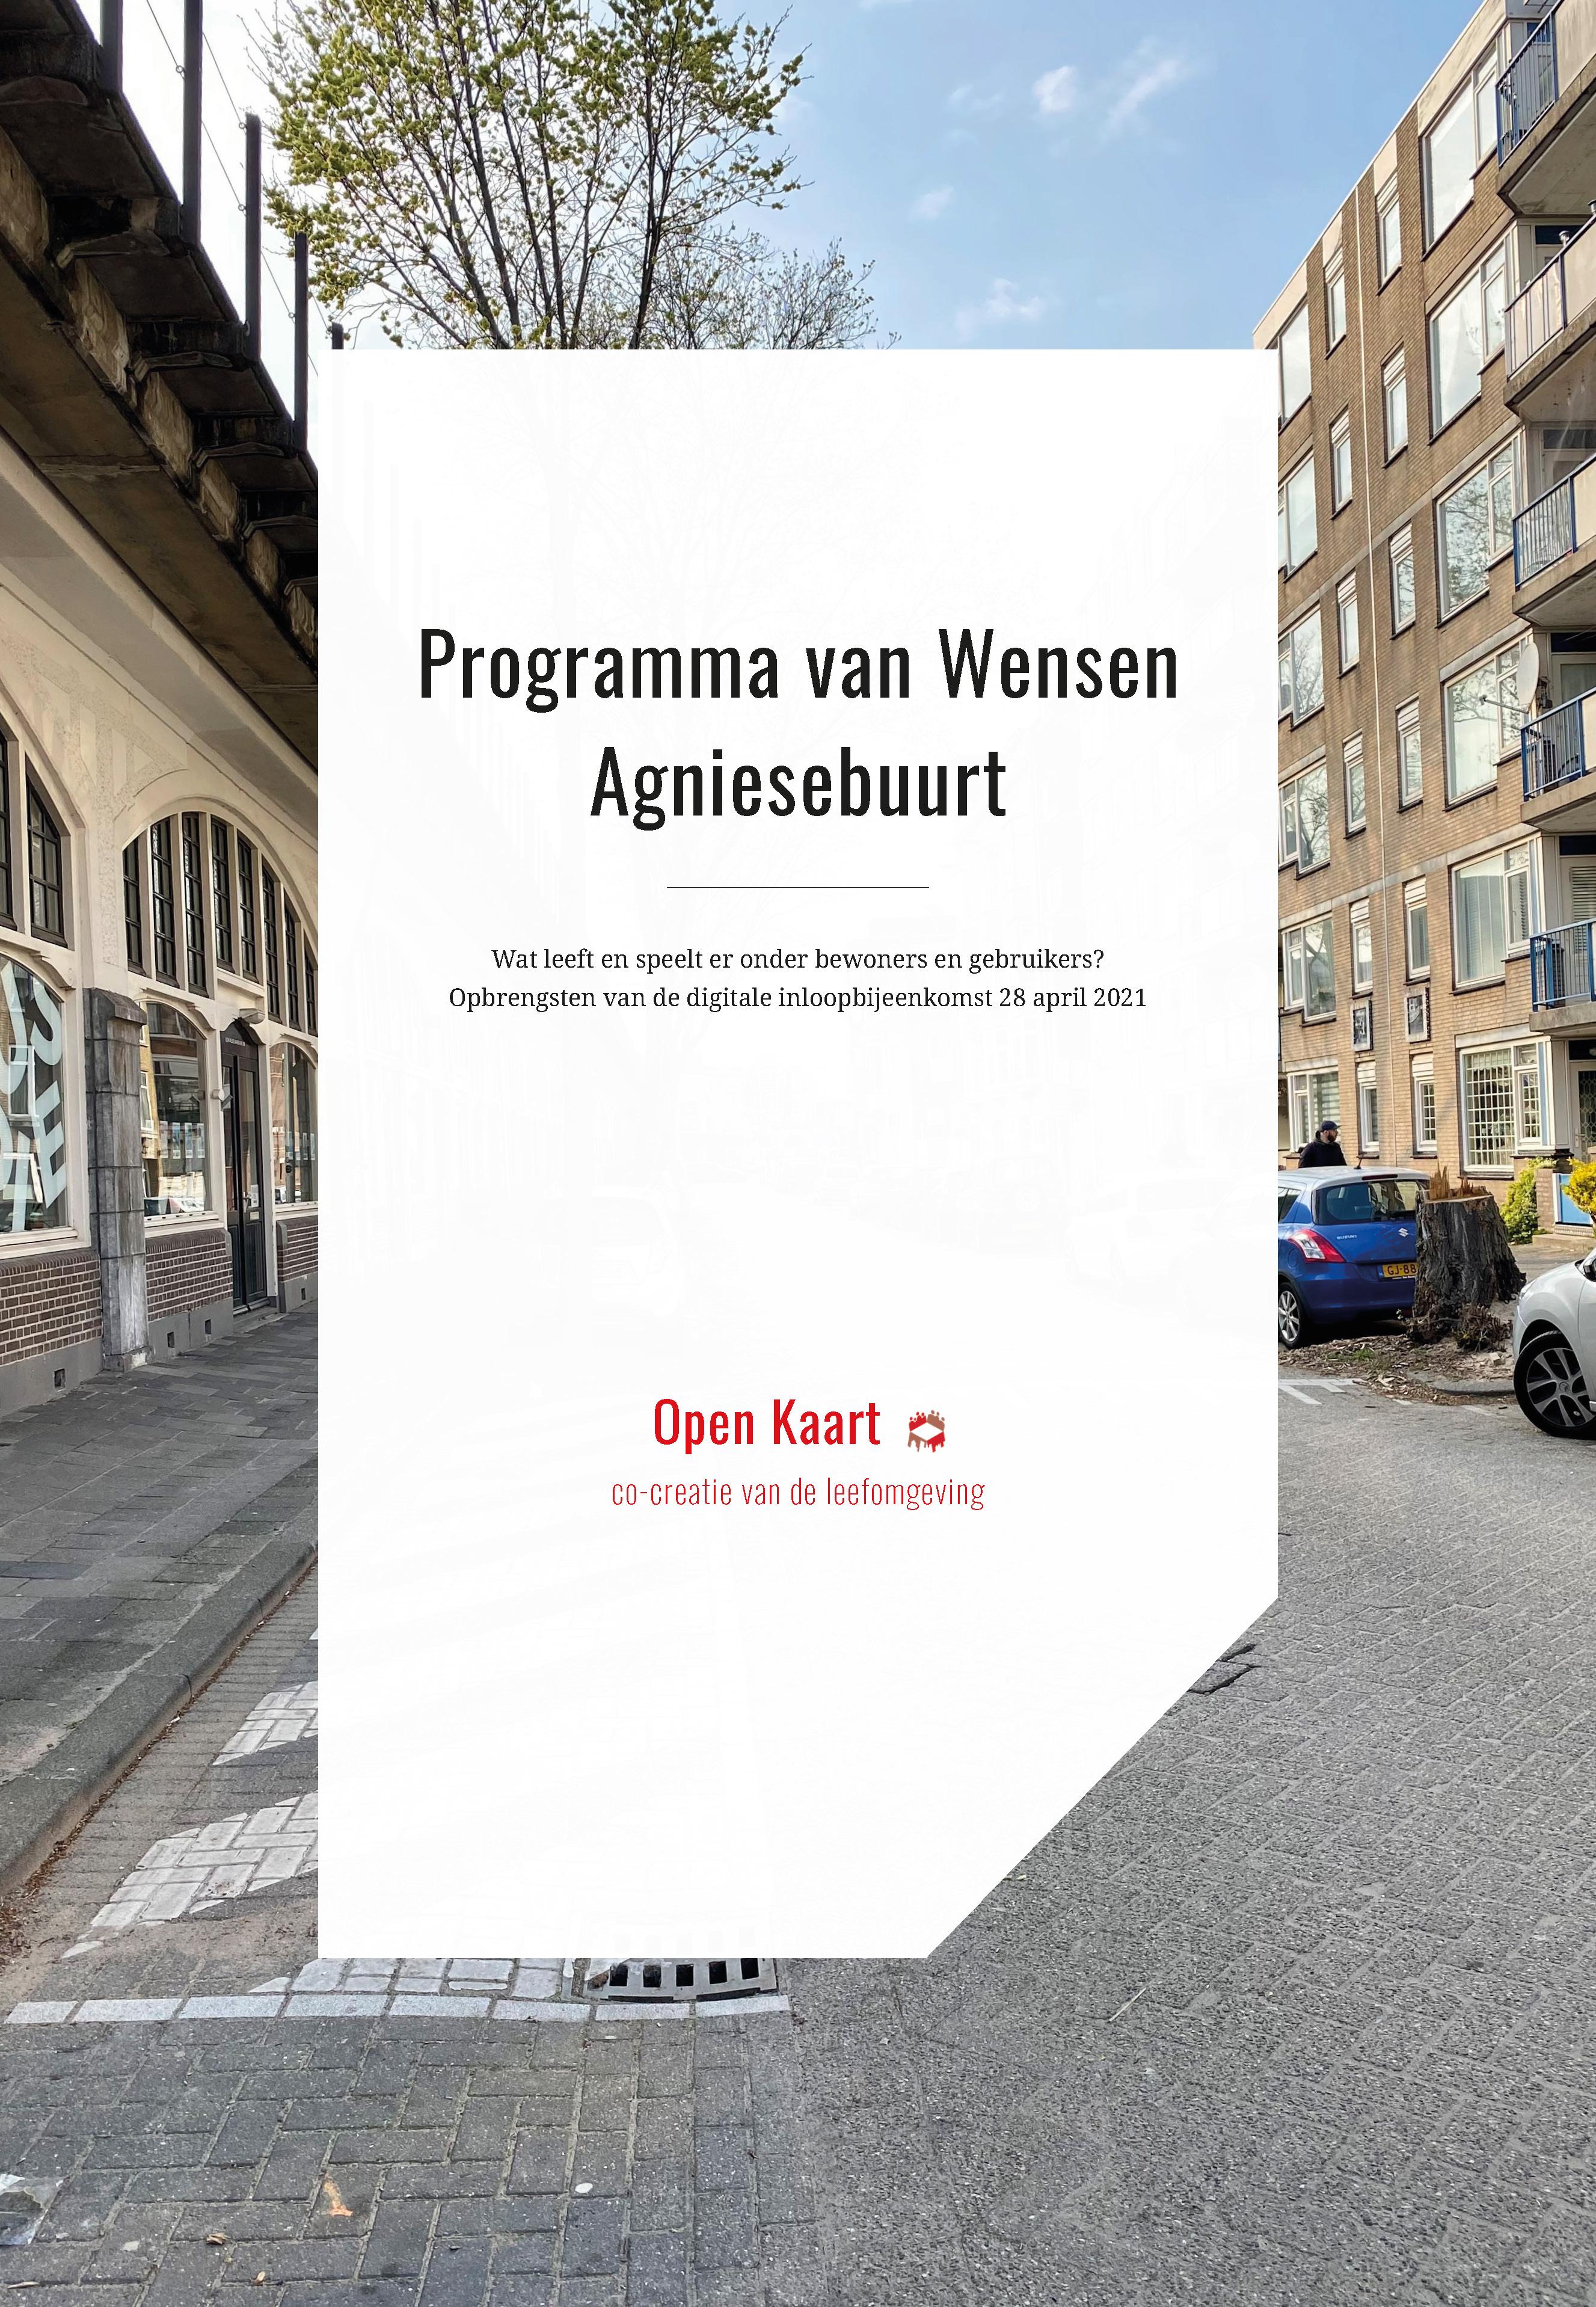 Programma van Wensen Agniesebuurt - Open Kaart